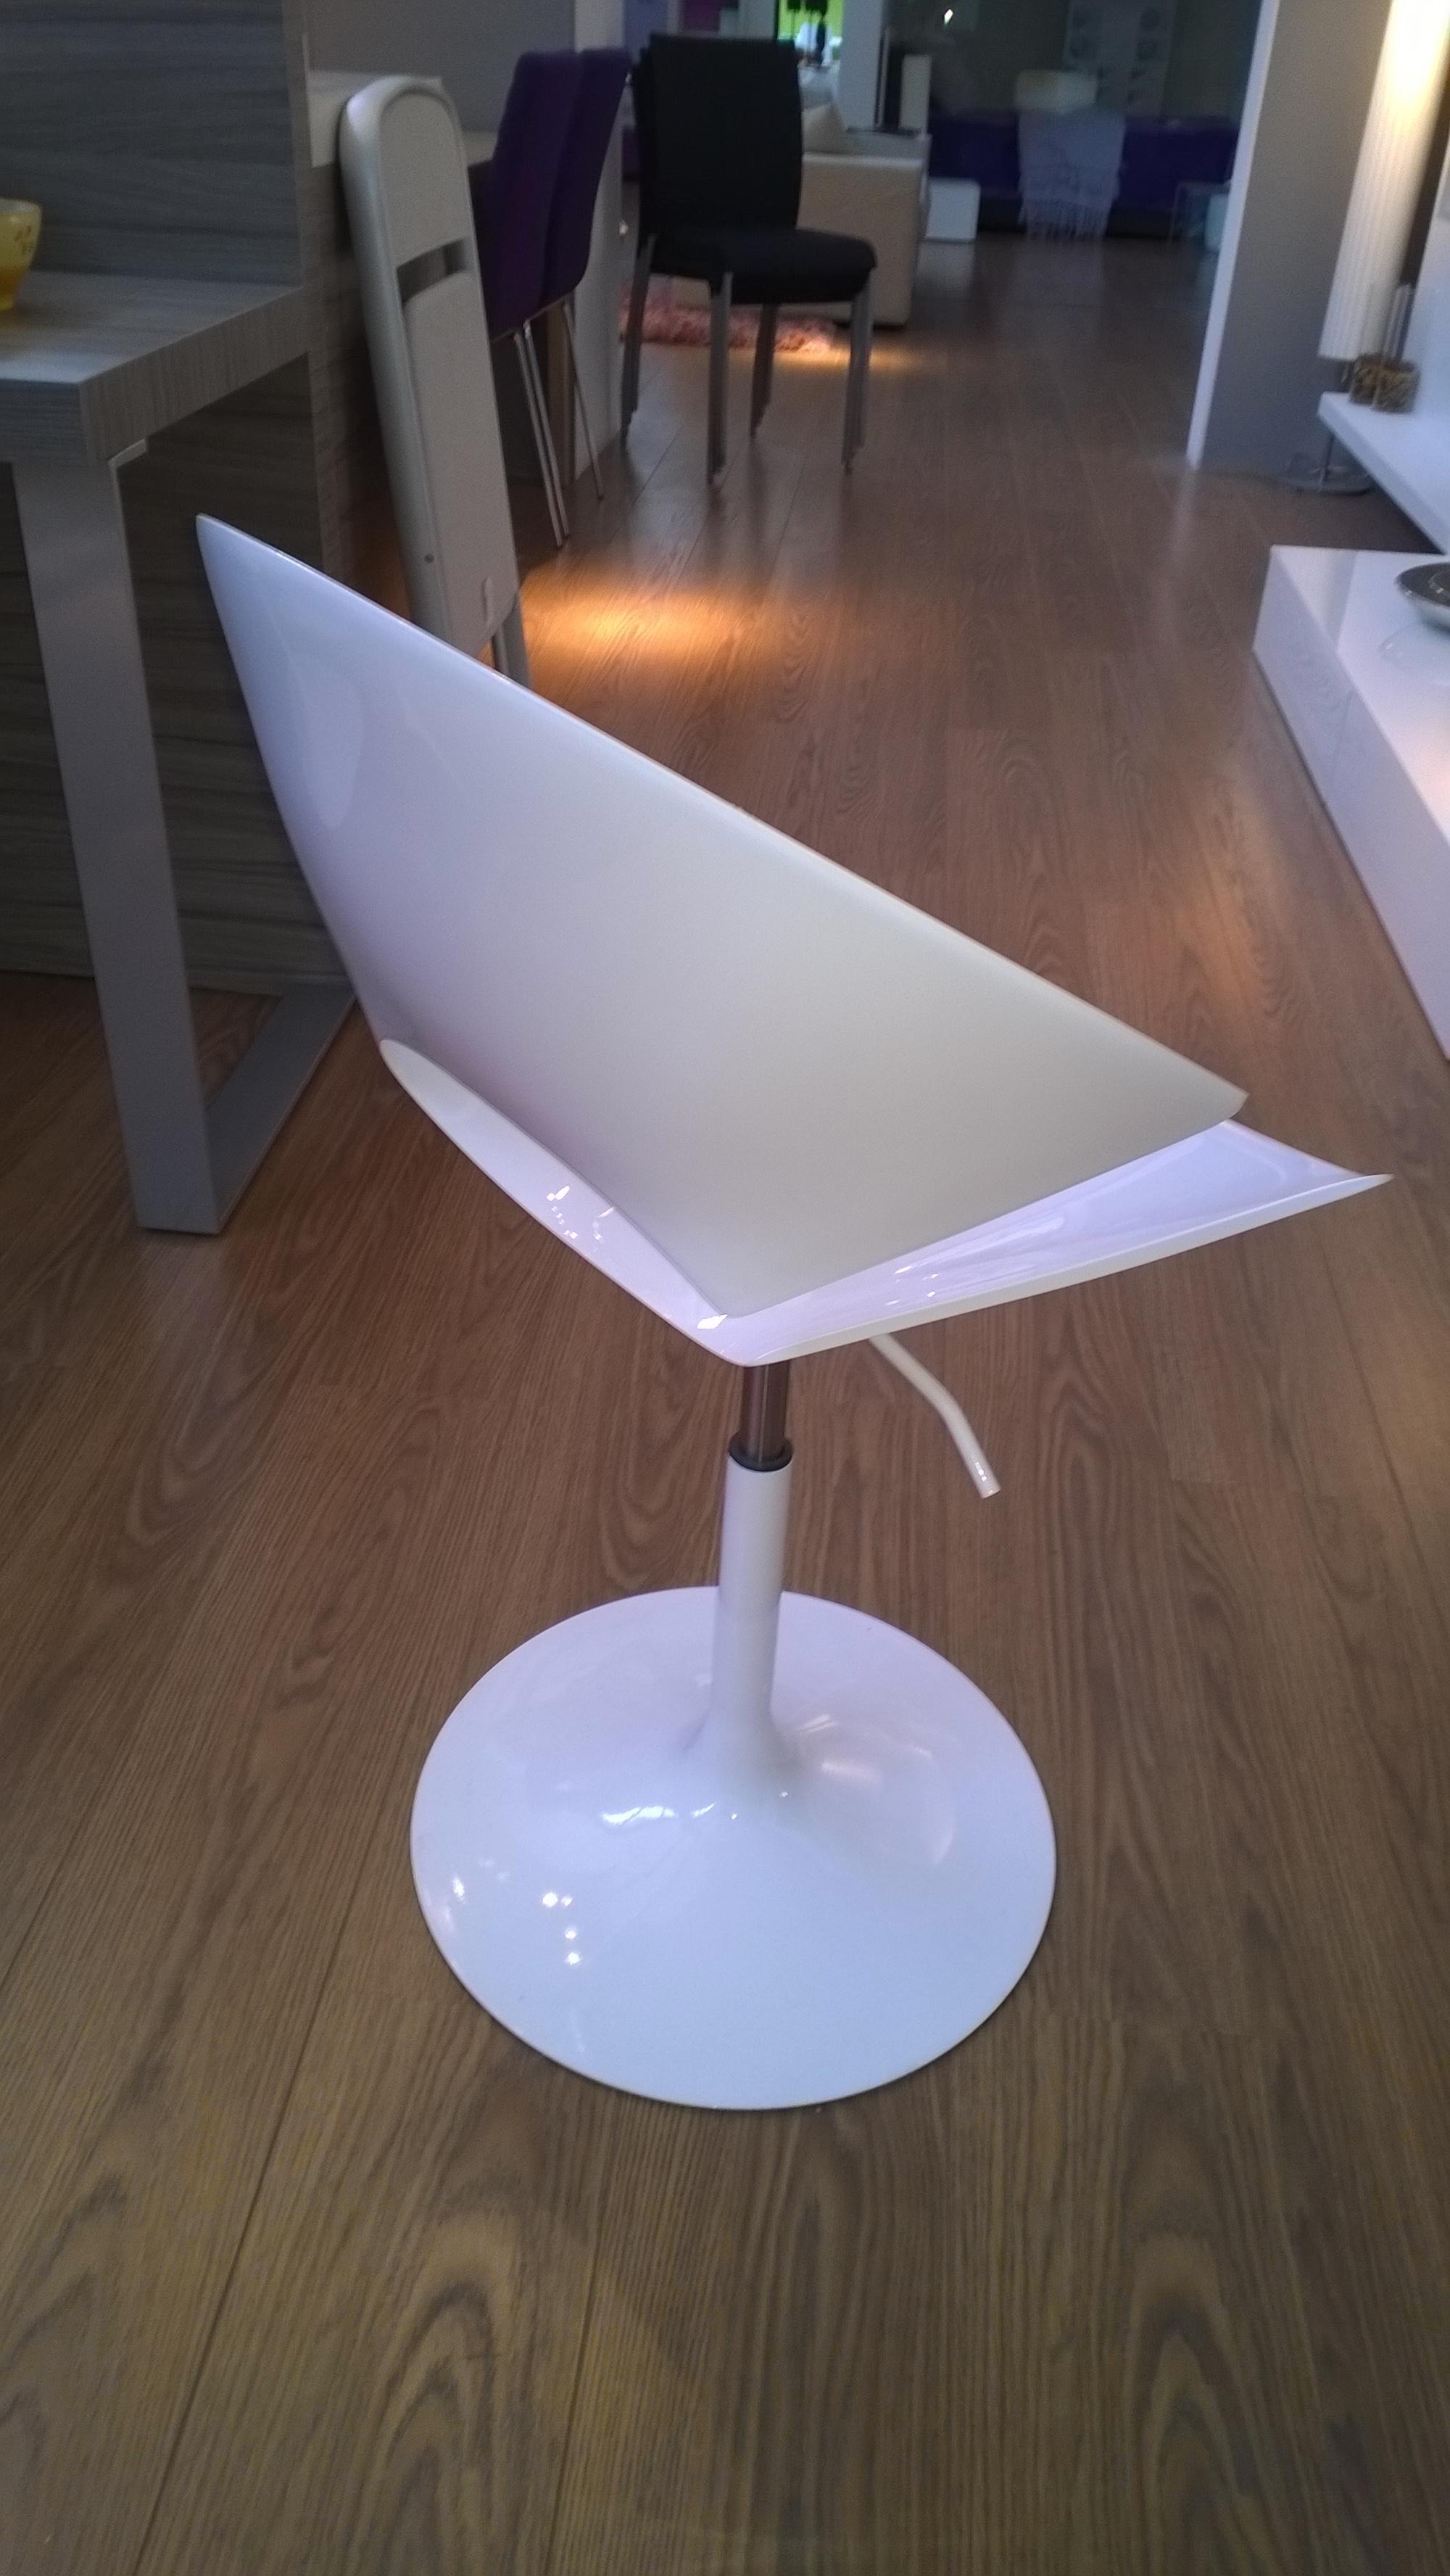 Promo sedia colico diva sedie a prezzi scontati for Colico sedie outlet